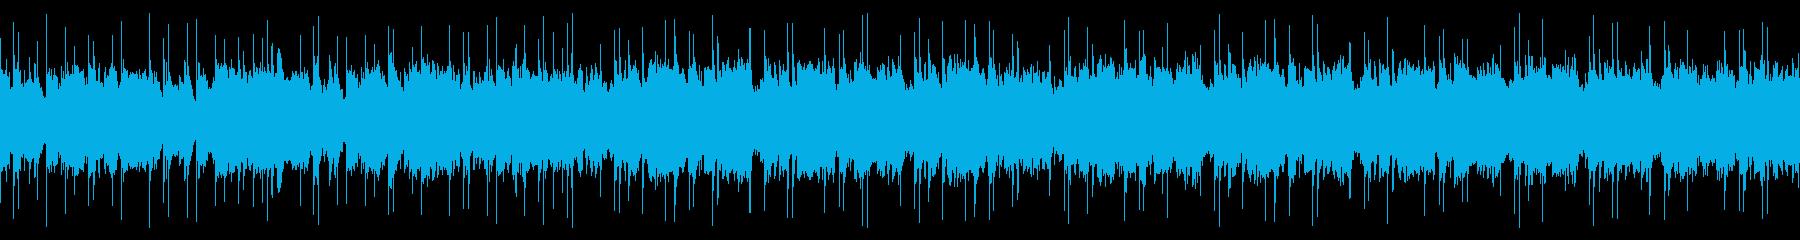 メロトロンのノスタルジックな曲の再生済みの波形